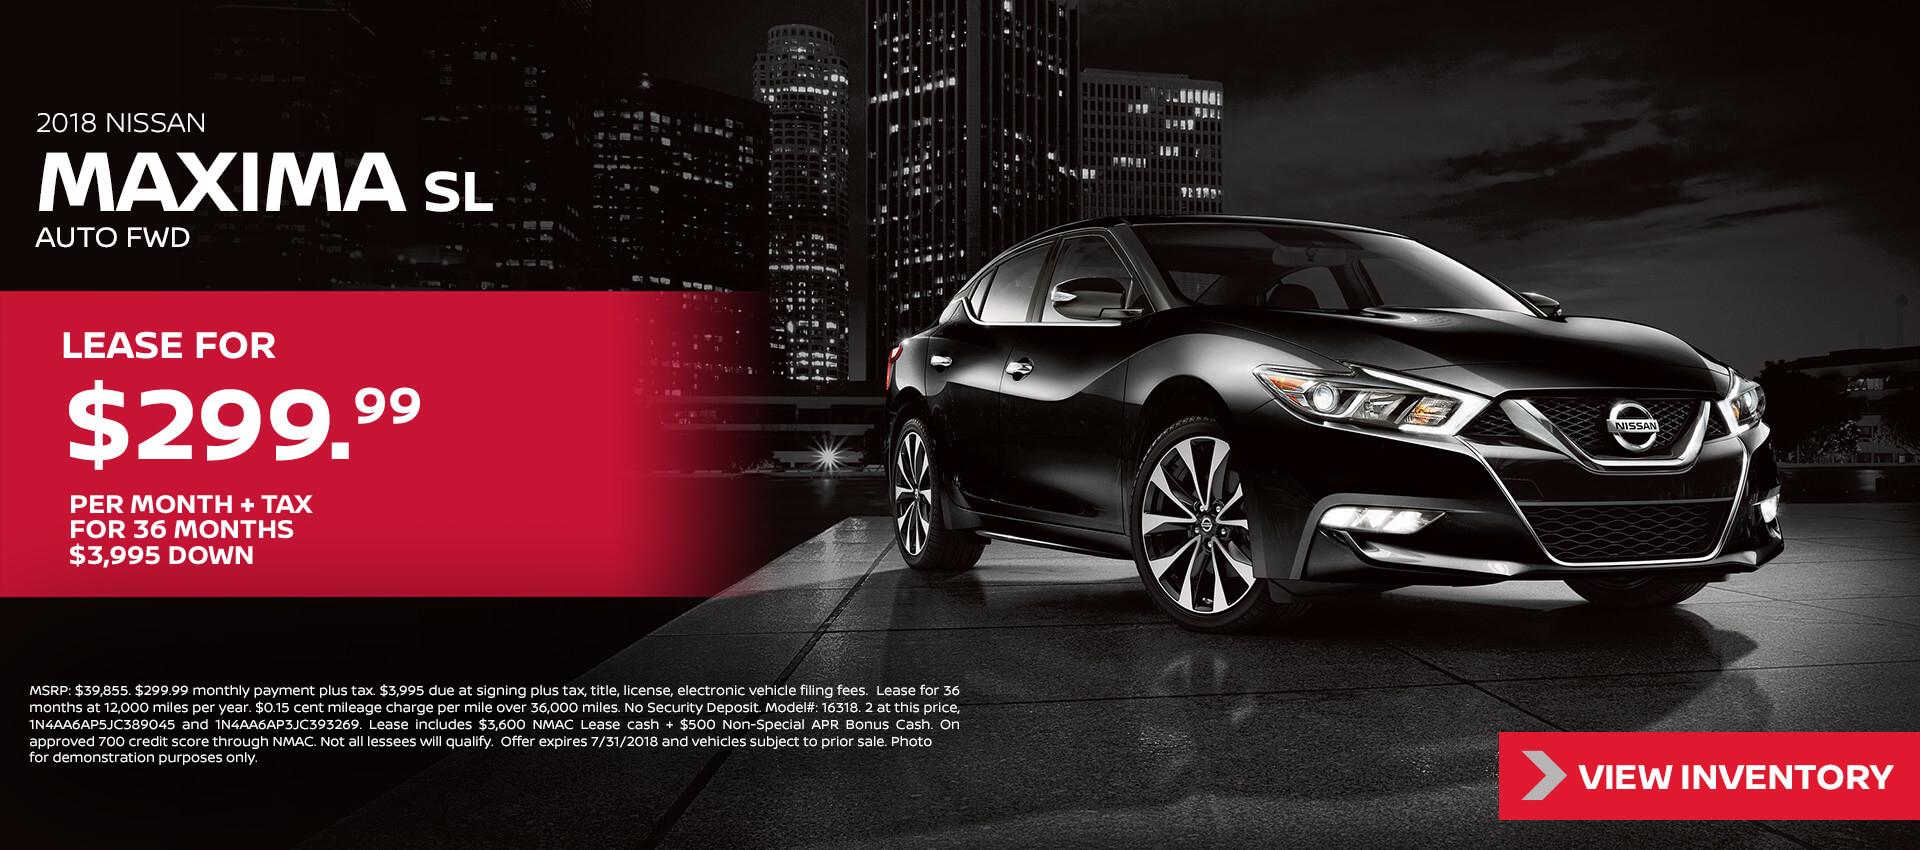 2018 Nissan Maxima $299.99